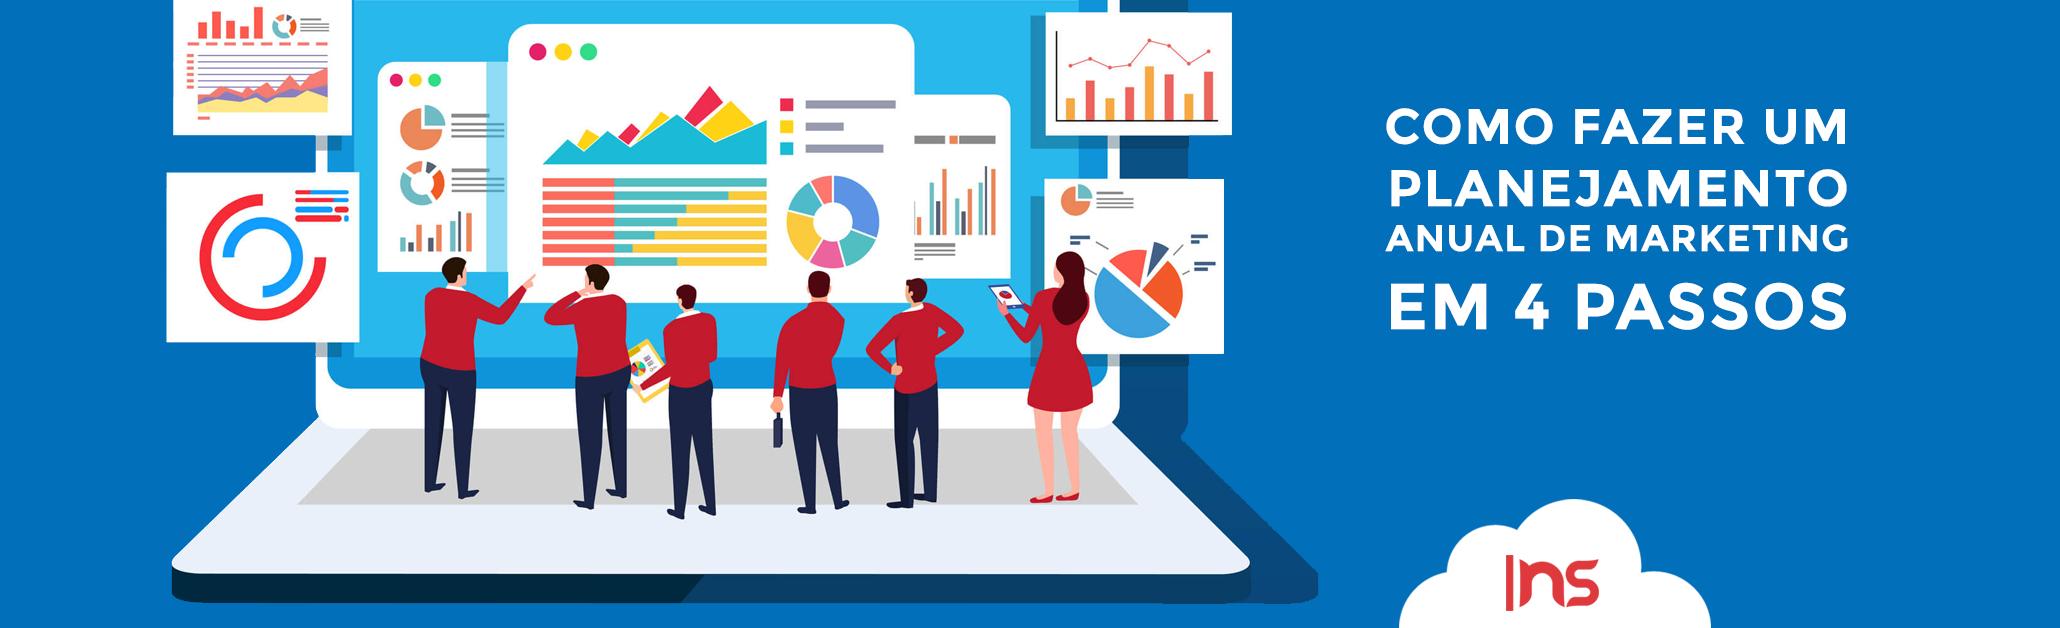 Aprenda como fazer um planejamento anual de marketing em 4 passos